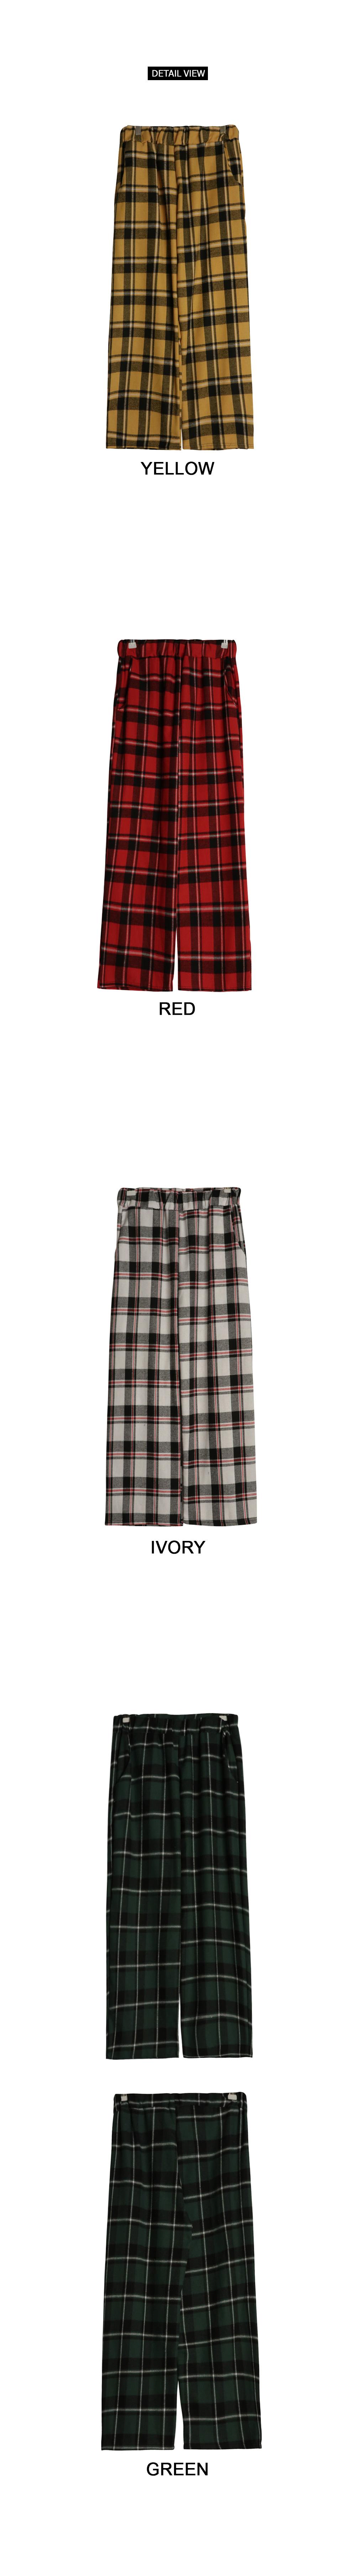 Clover check cotton pants